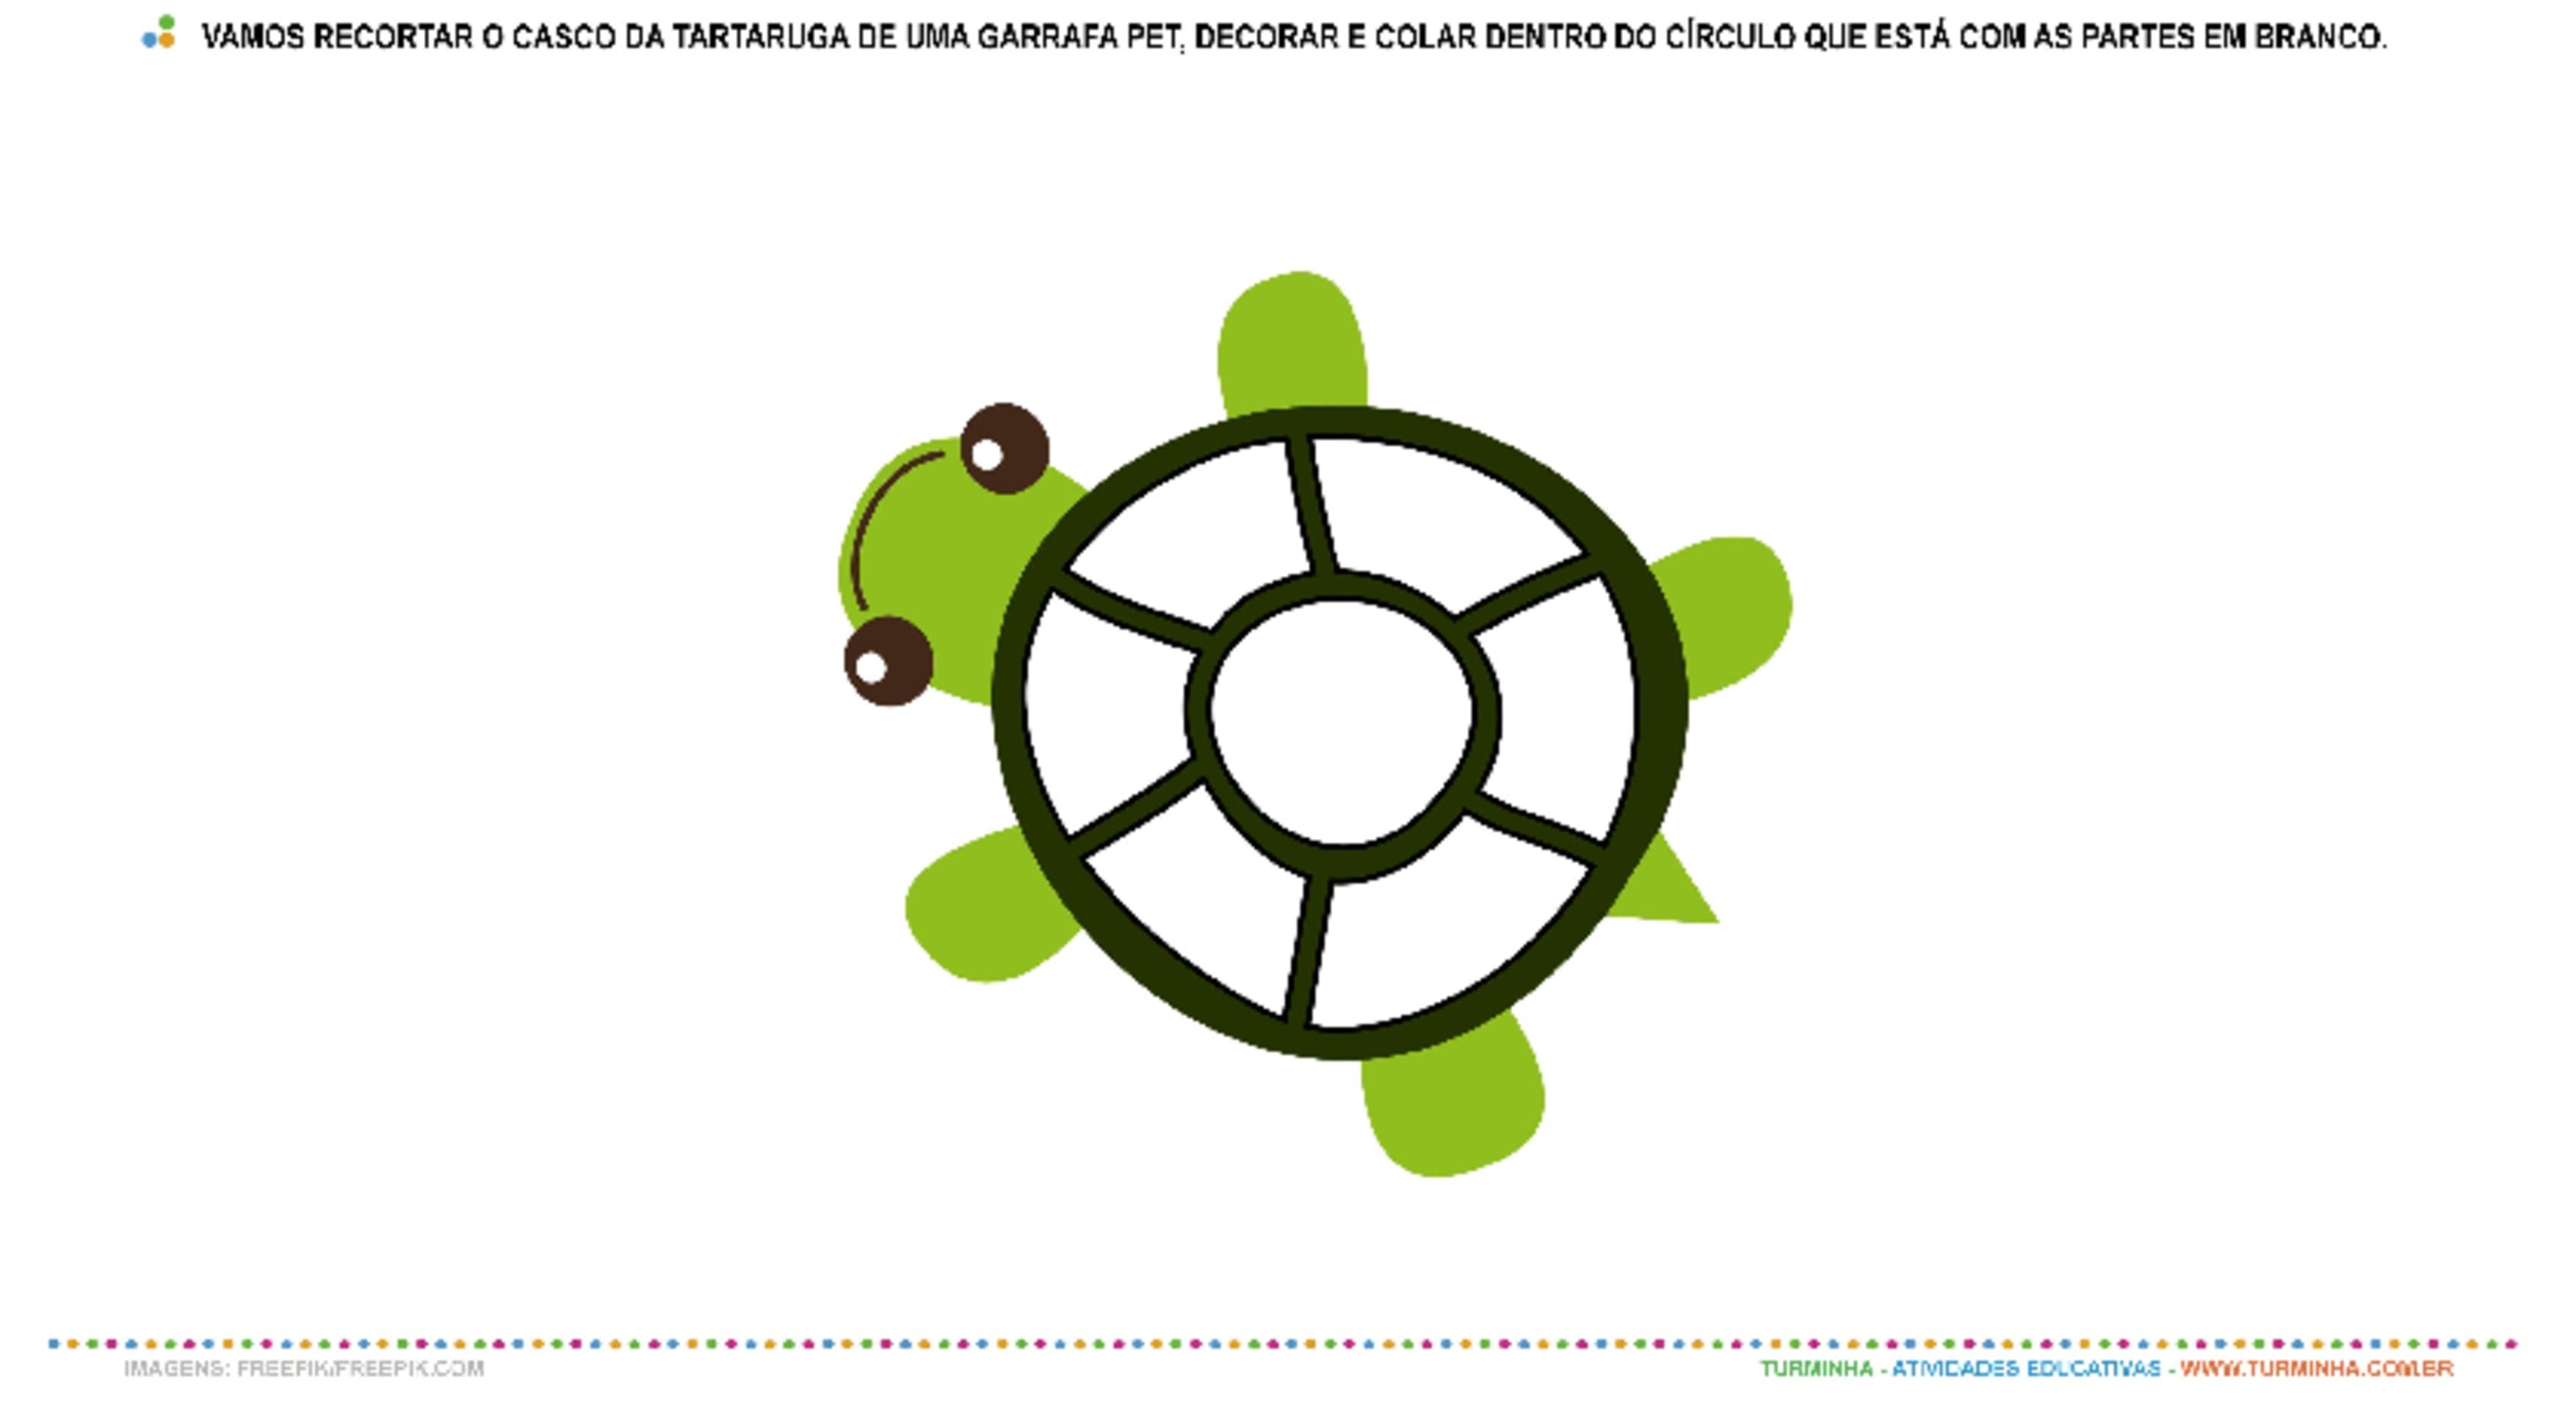 Criando minha tartaruga - Colagem - atividade educativa para Creche (0 a 3 anos)